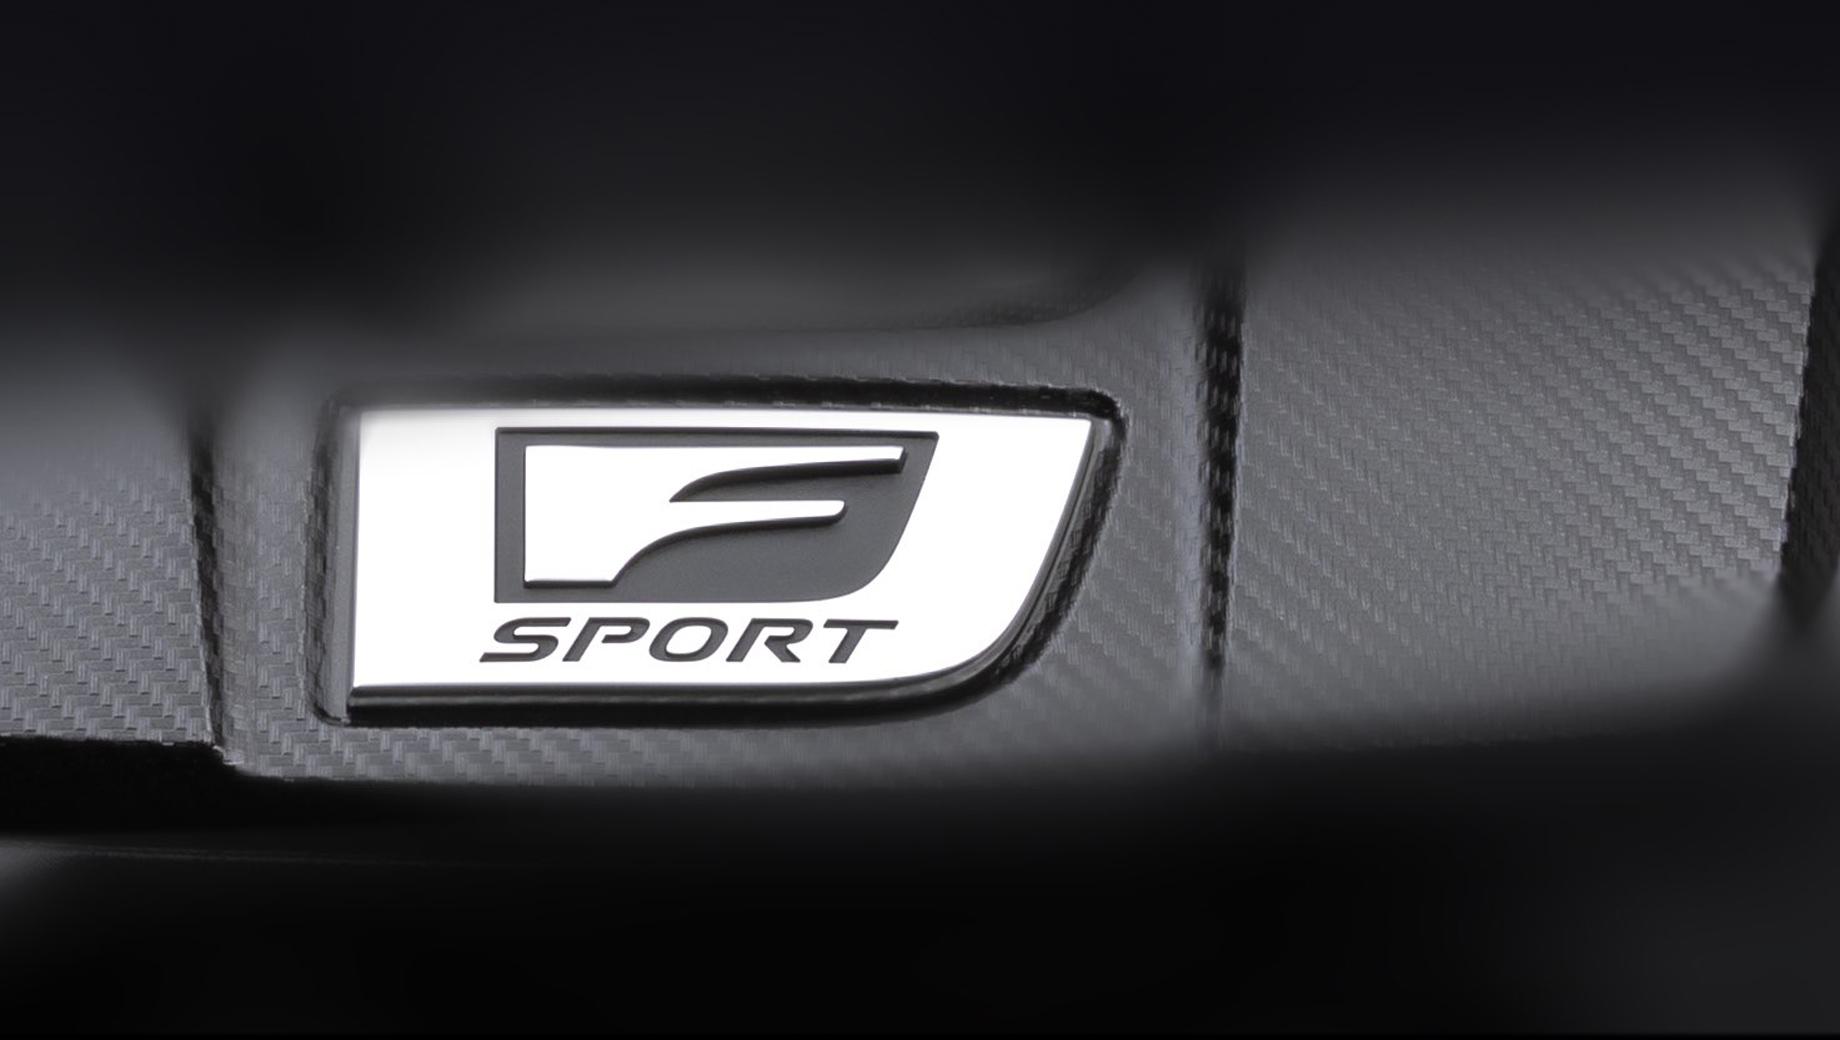 Lexus is. Деталь на тизере идентична крышке от мотора V8 5.0 2UR-GSE, но это никак не гарантирует, что под нею скрыта действительно «восьмёрка».